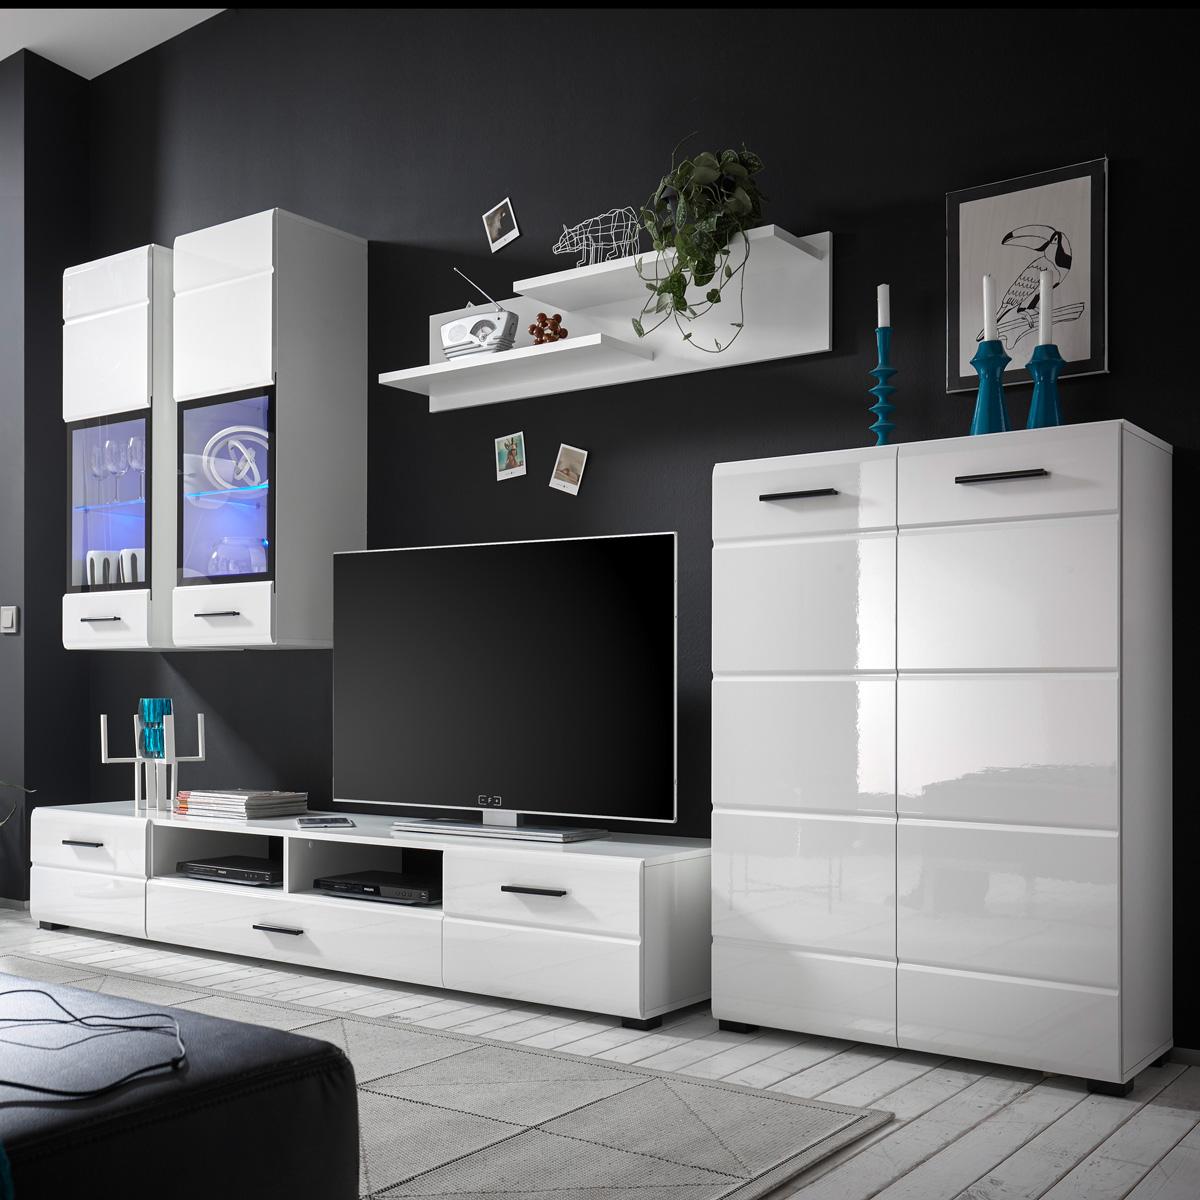 Wohnwand inkl. LED-Beleuchtung - Weiß